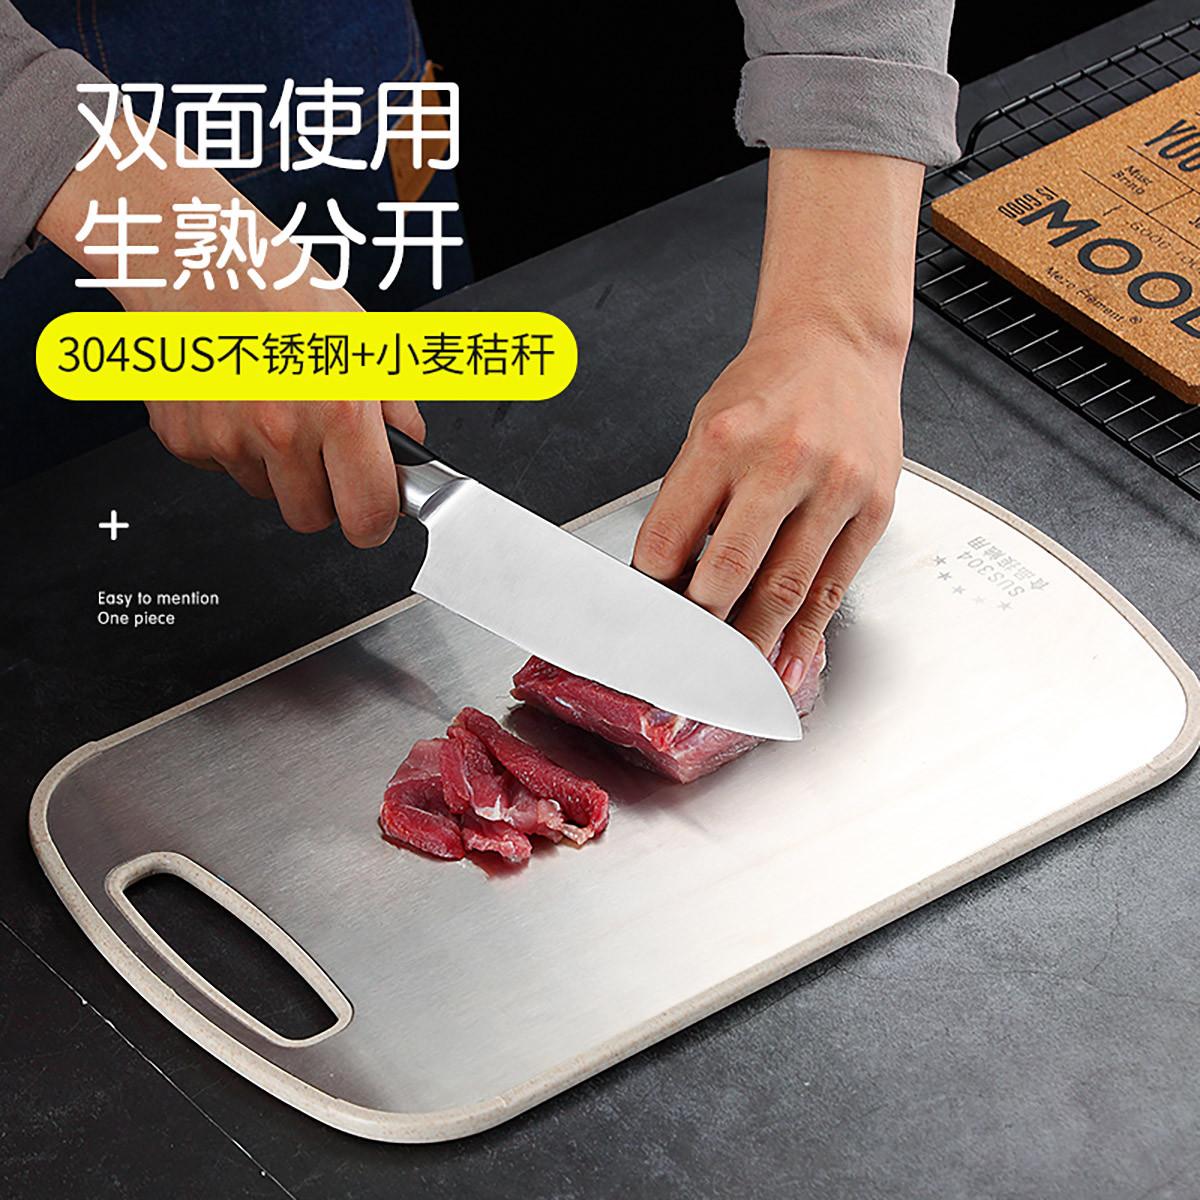 沃德百惠 304不锈钢菜板防霉案板家用厨房和面板辅食切水果擀面砧板切菜板